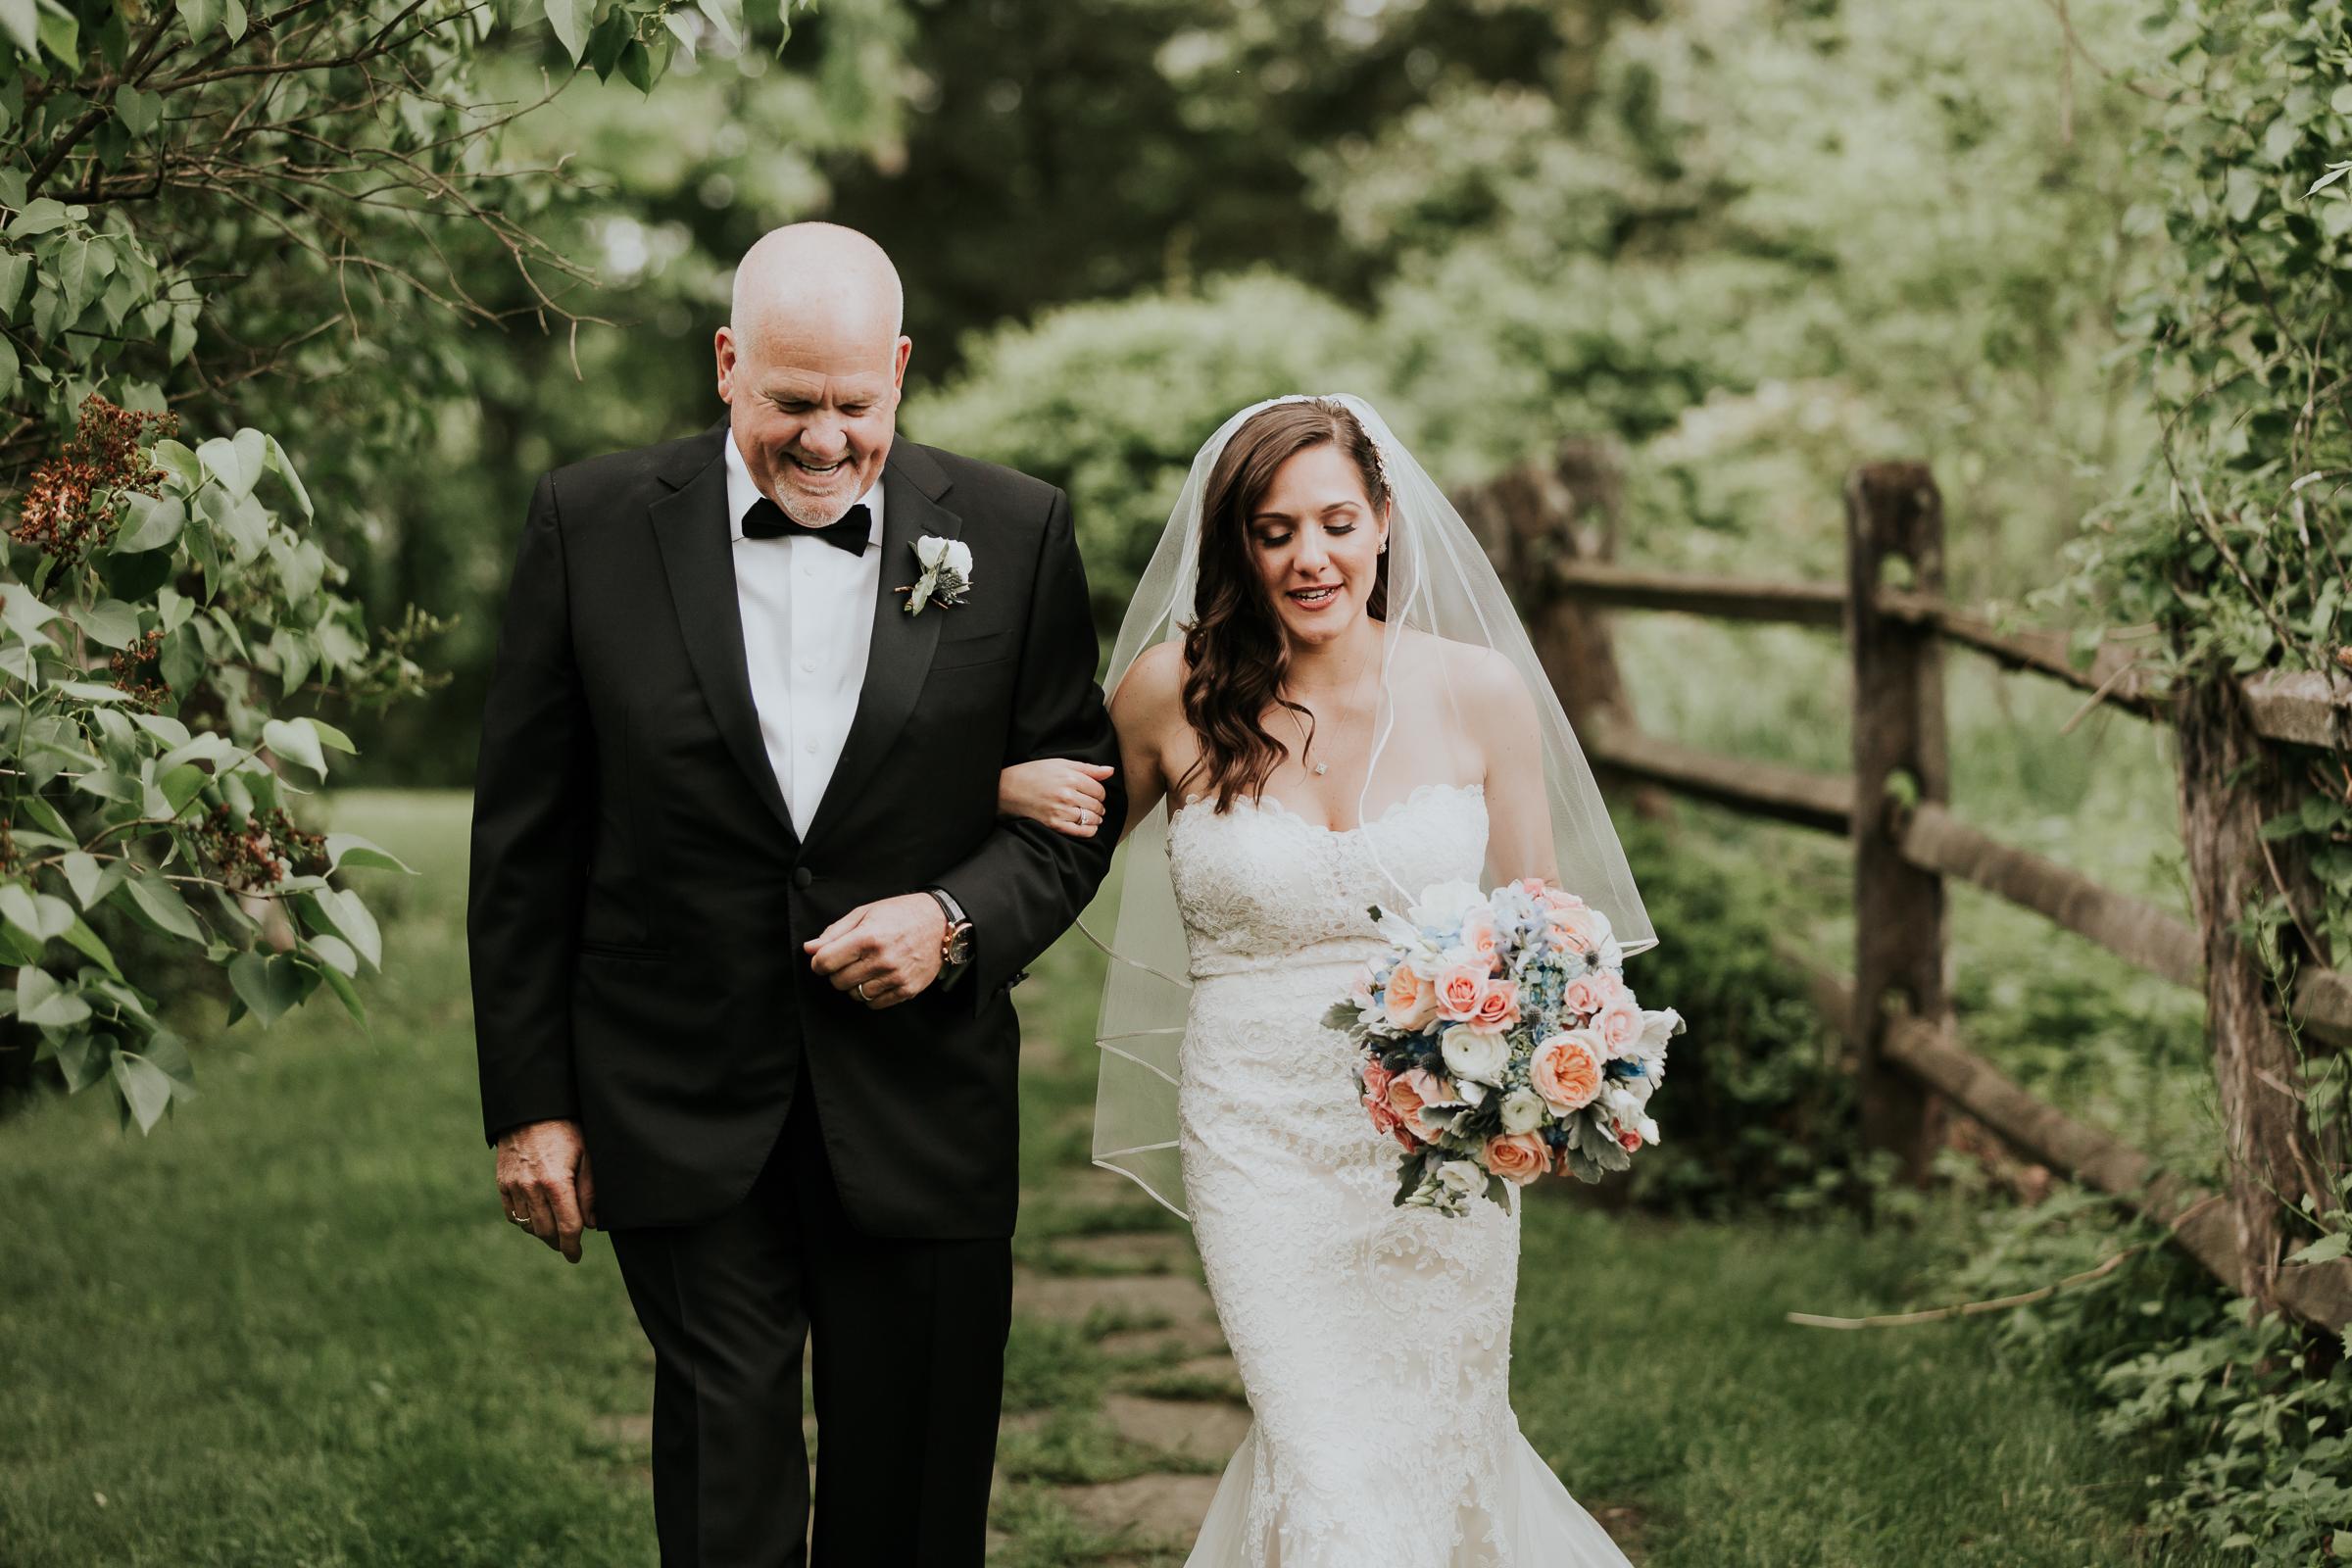 Crossed-Keys-Estate-Andover-NJ-Fine-Art-Documentary-Wedding-Photographer-83.jpg